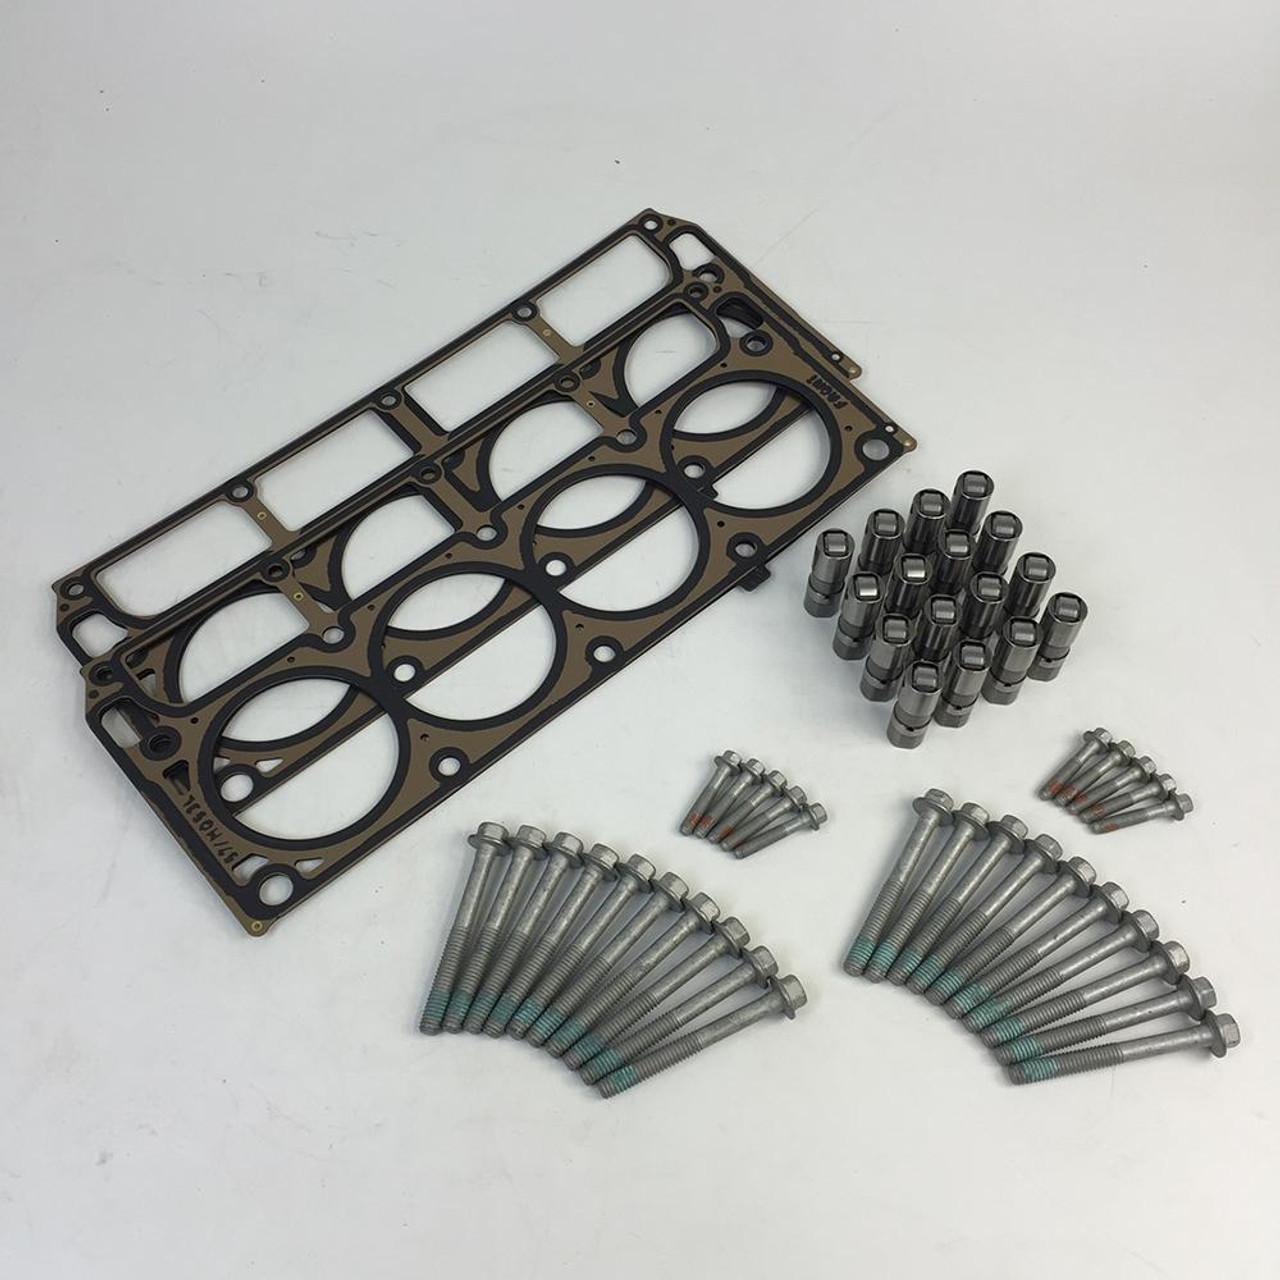 LSX L98 LS2 LS3 Cylinder Head Upgrade Kit | GM Performance Head Bolts